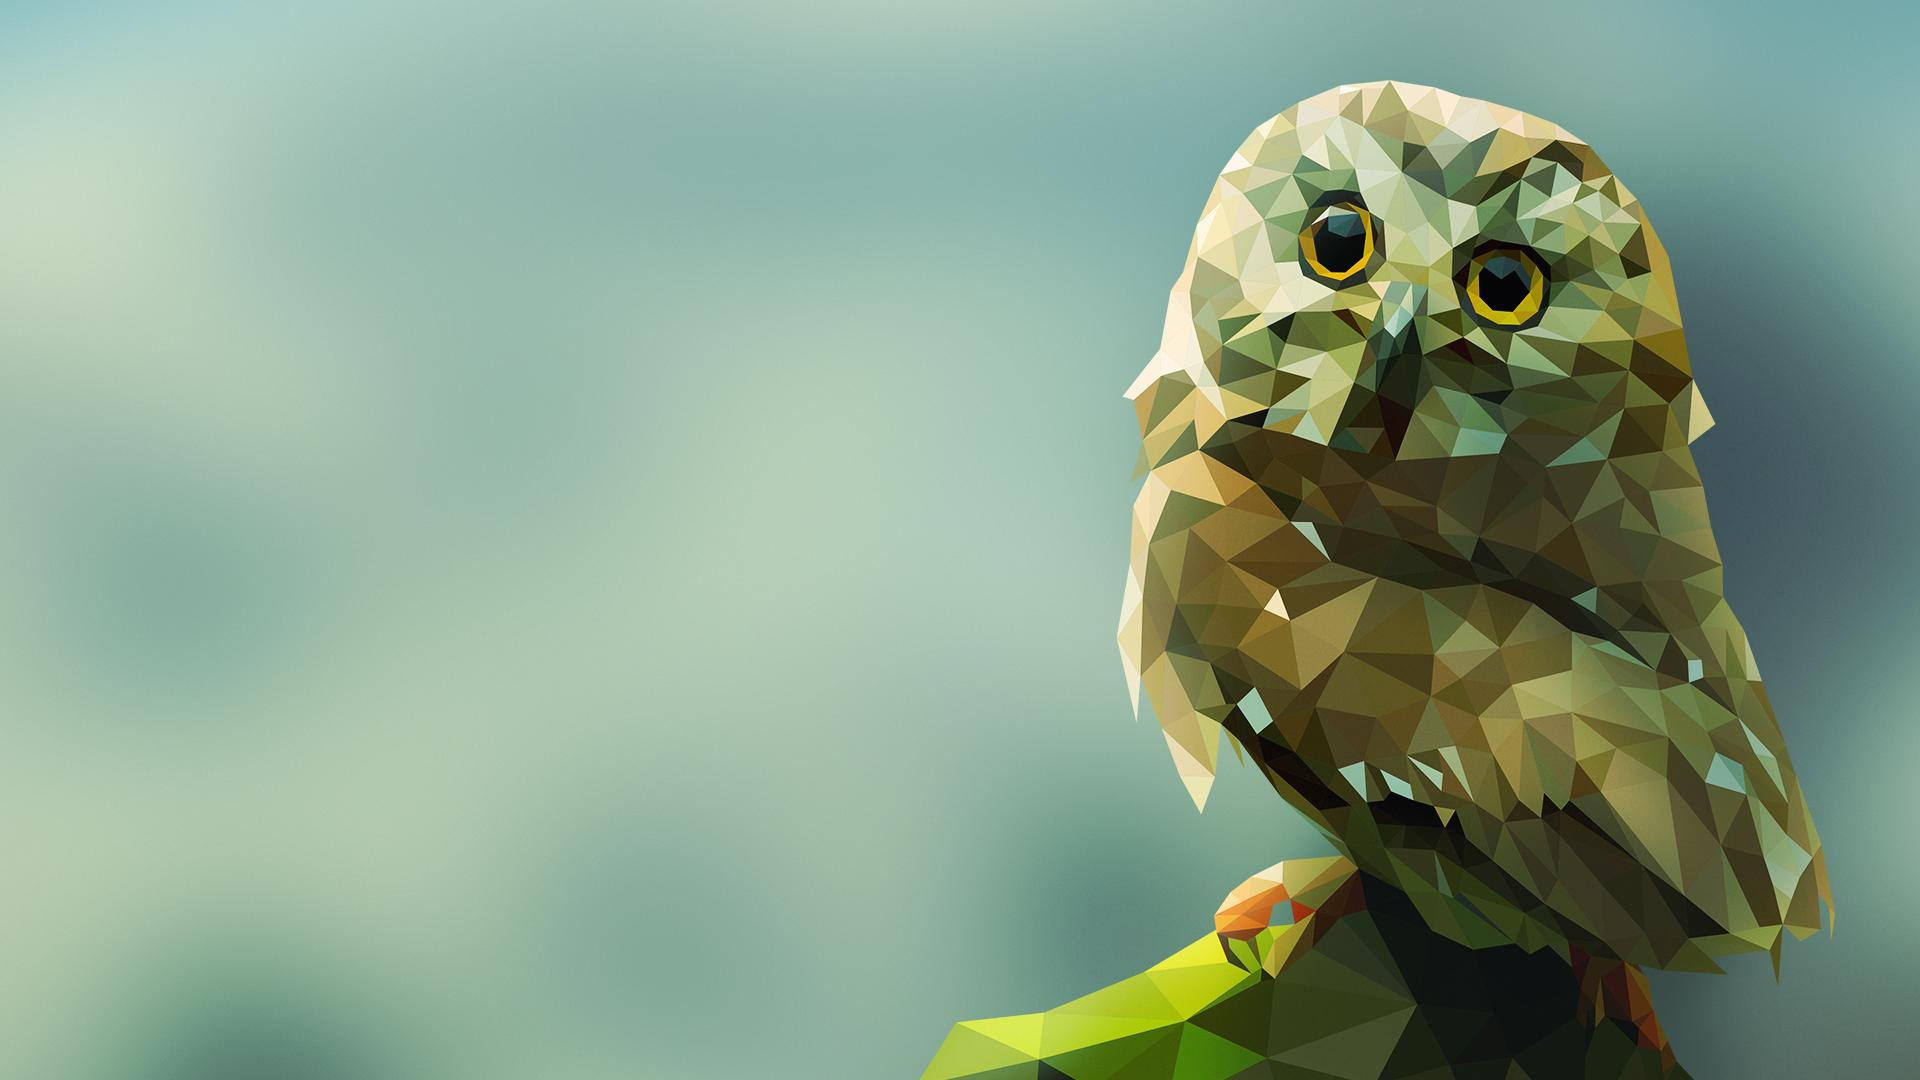 Units Of Cute Owl Wallpaper 1920x1080